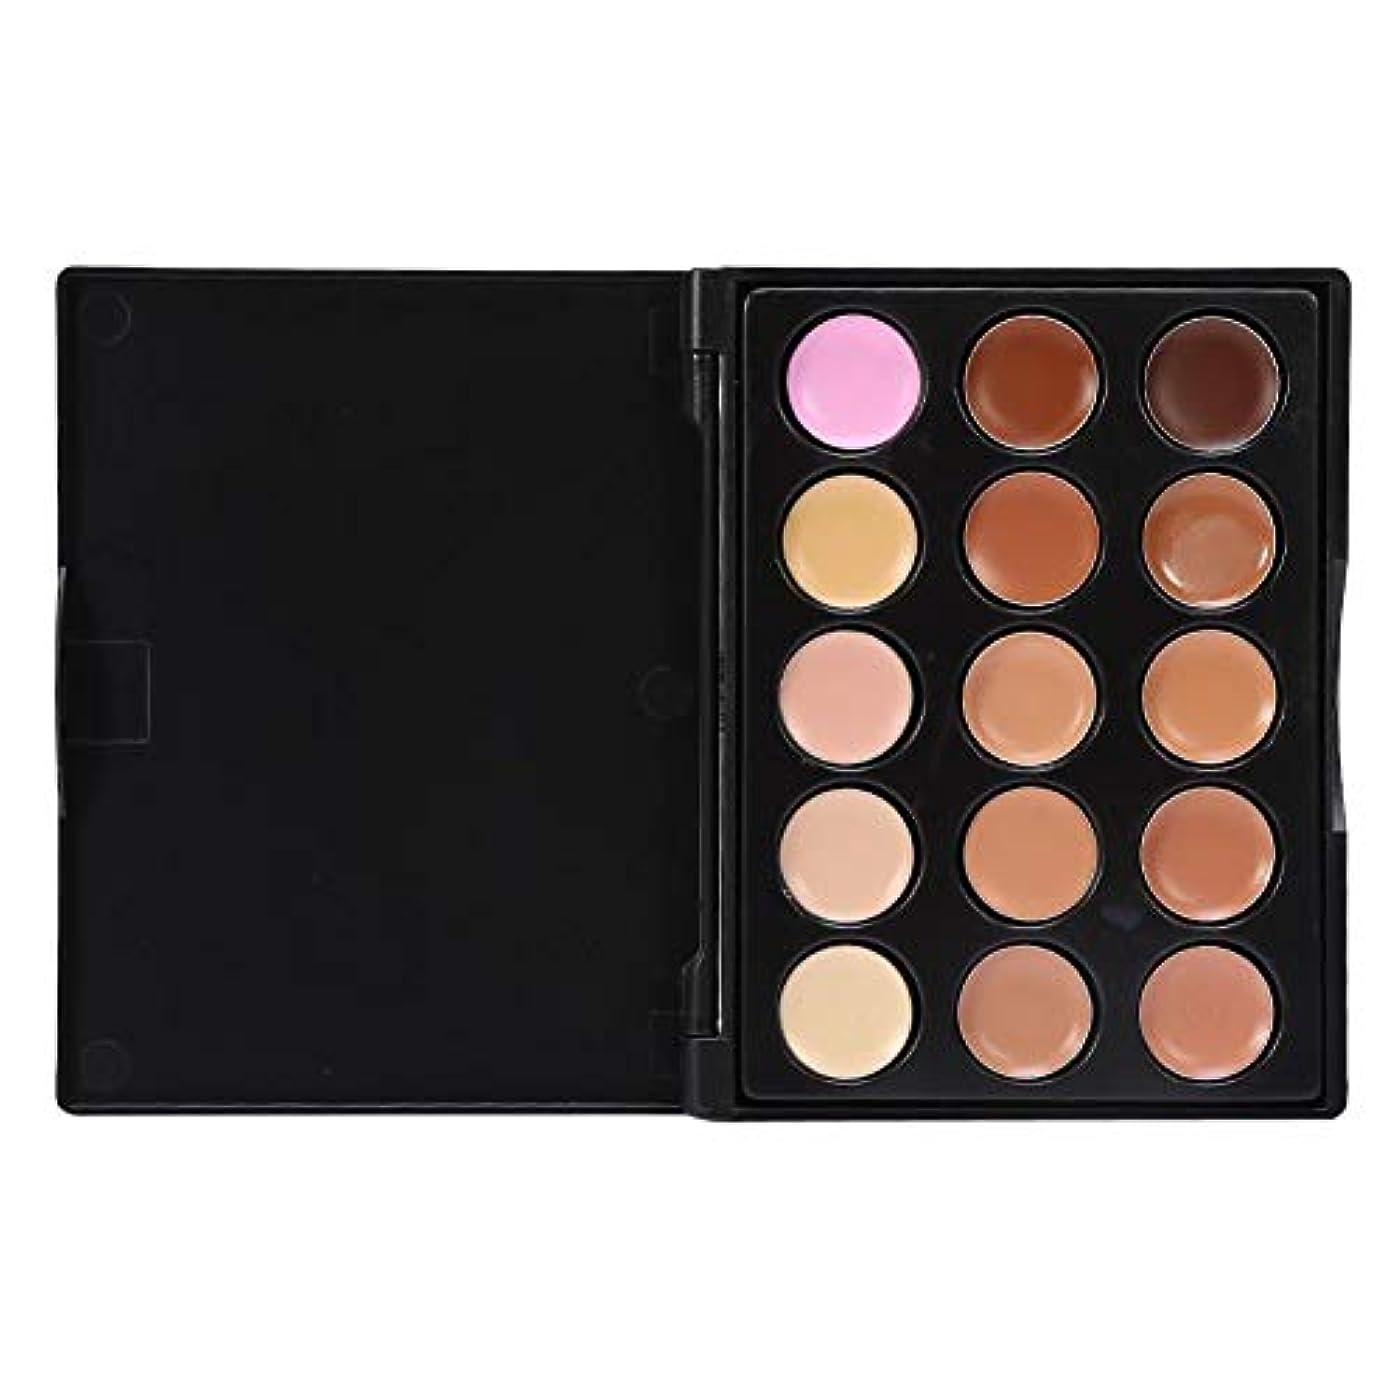 化粧コンシーラーパレットクリーム、15色プロフェッショナルコンシーラーメイクアップフェイスアイサークルカバークリーム化粧品(2#)